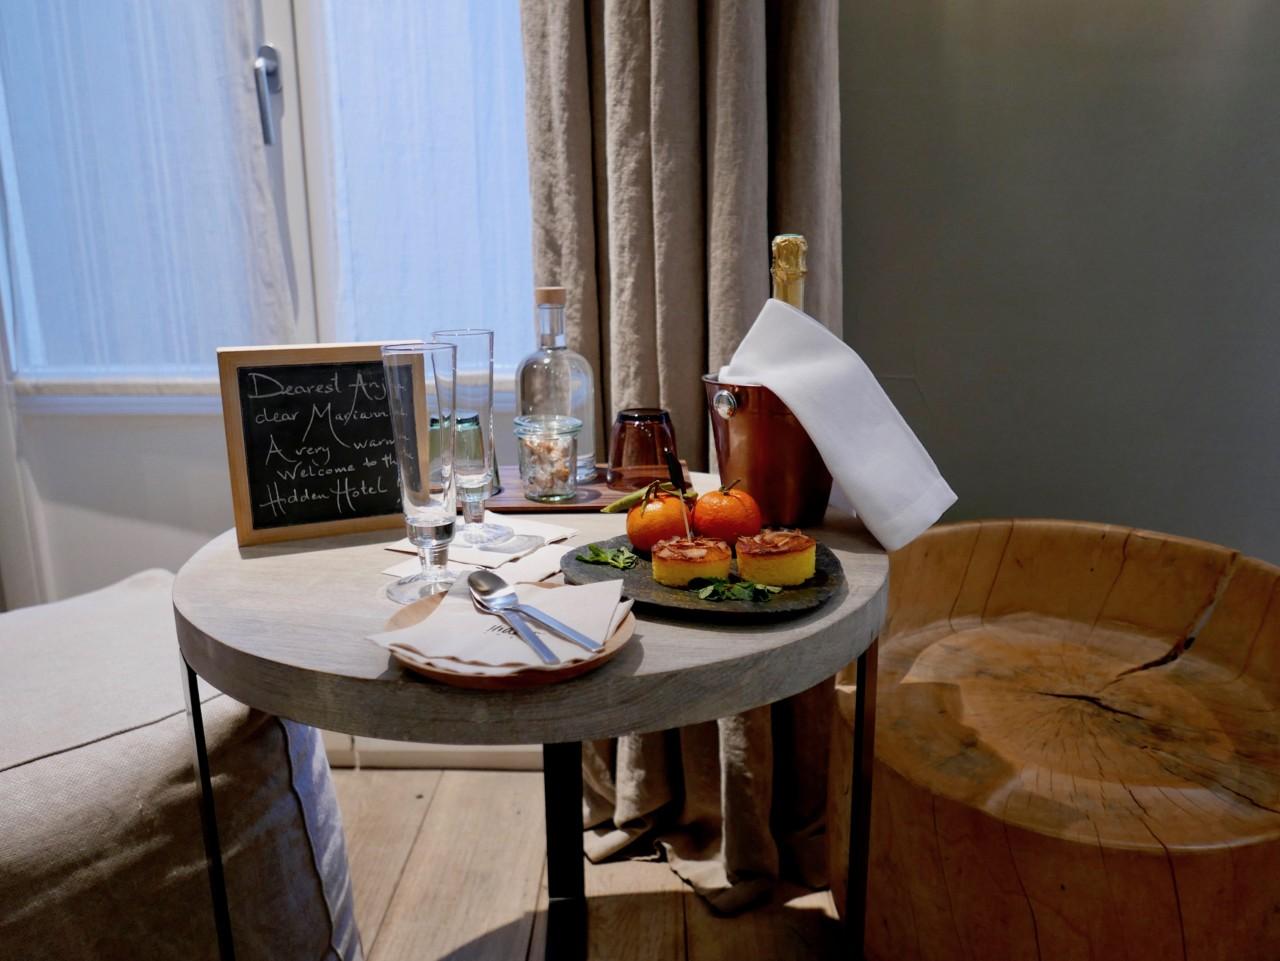 velkomst-hidden-hotel-paris-champagne-glutenfri-kake